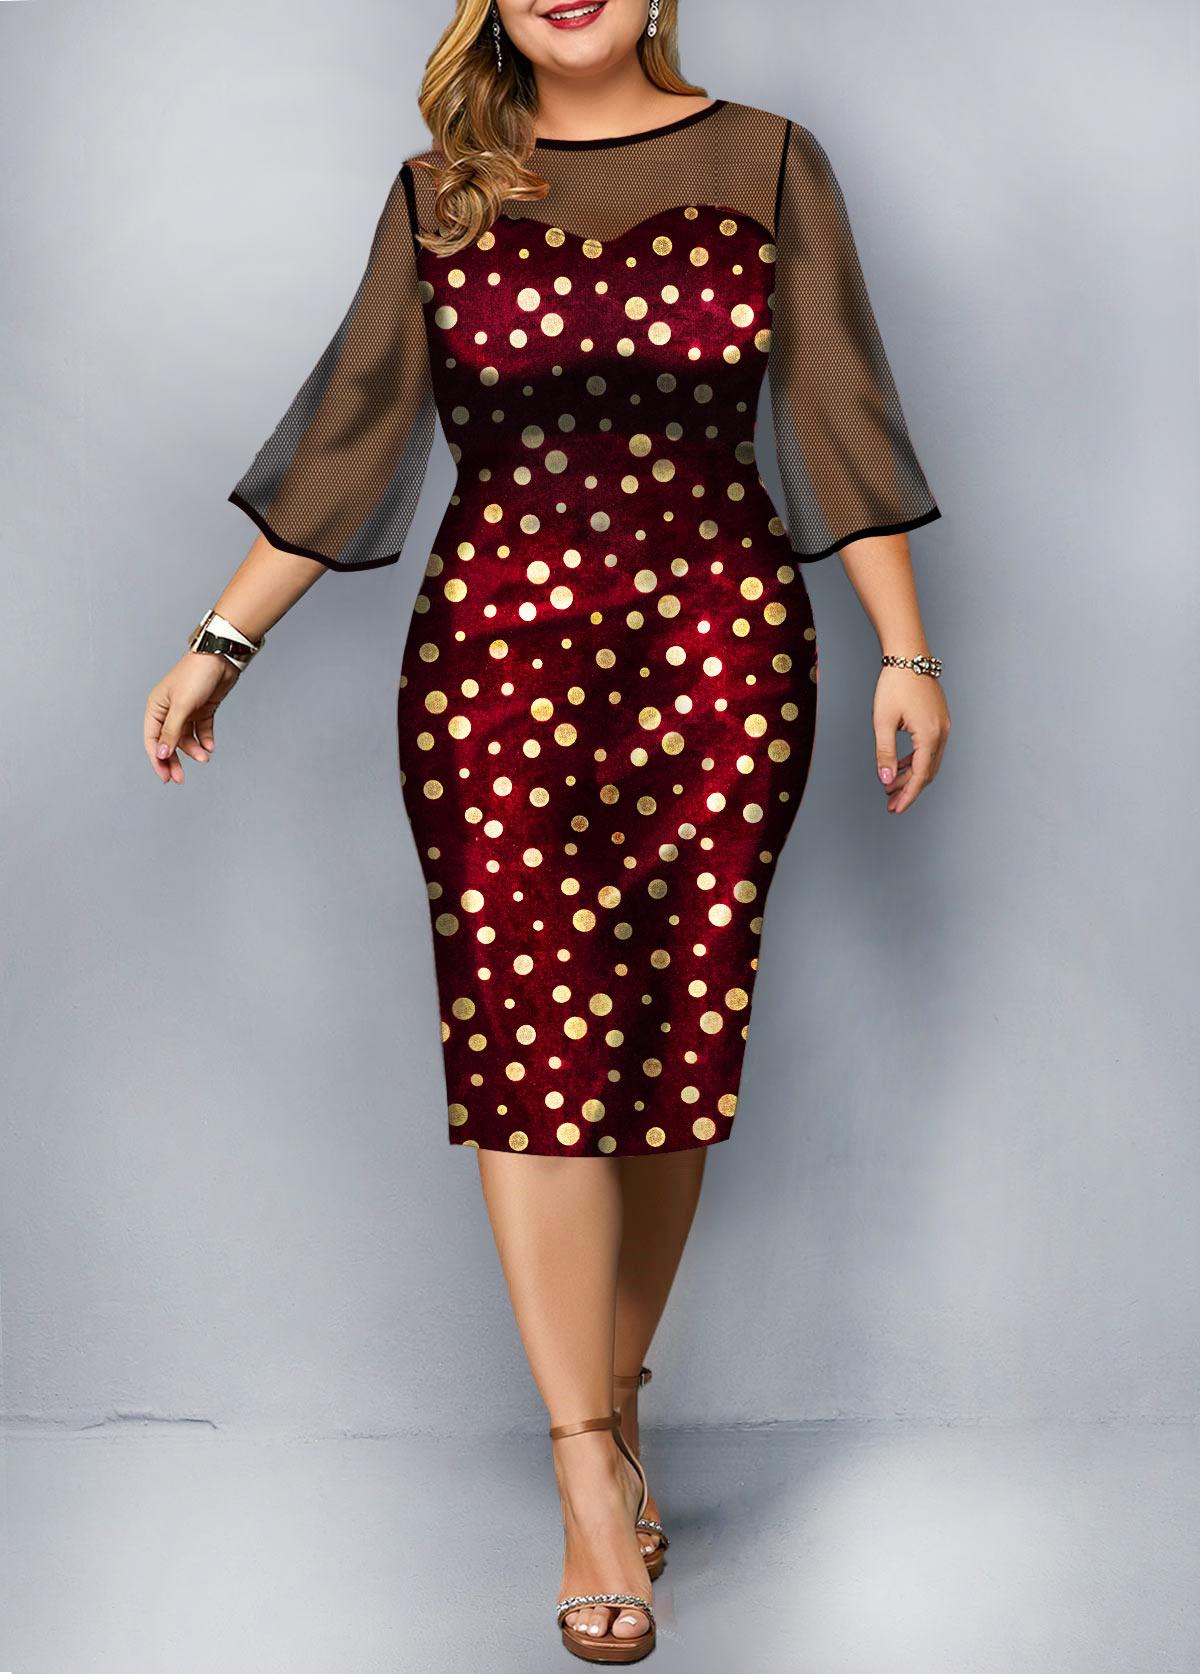 Plus Size Mesh Patchwork Polka Dot Print Dress